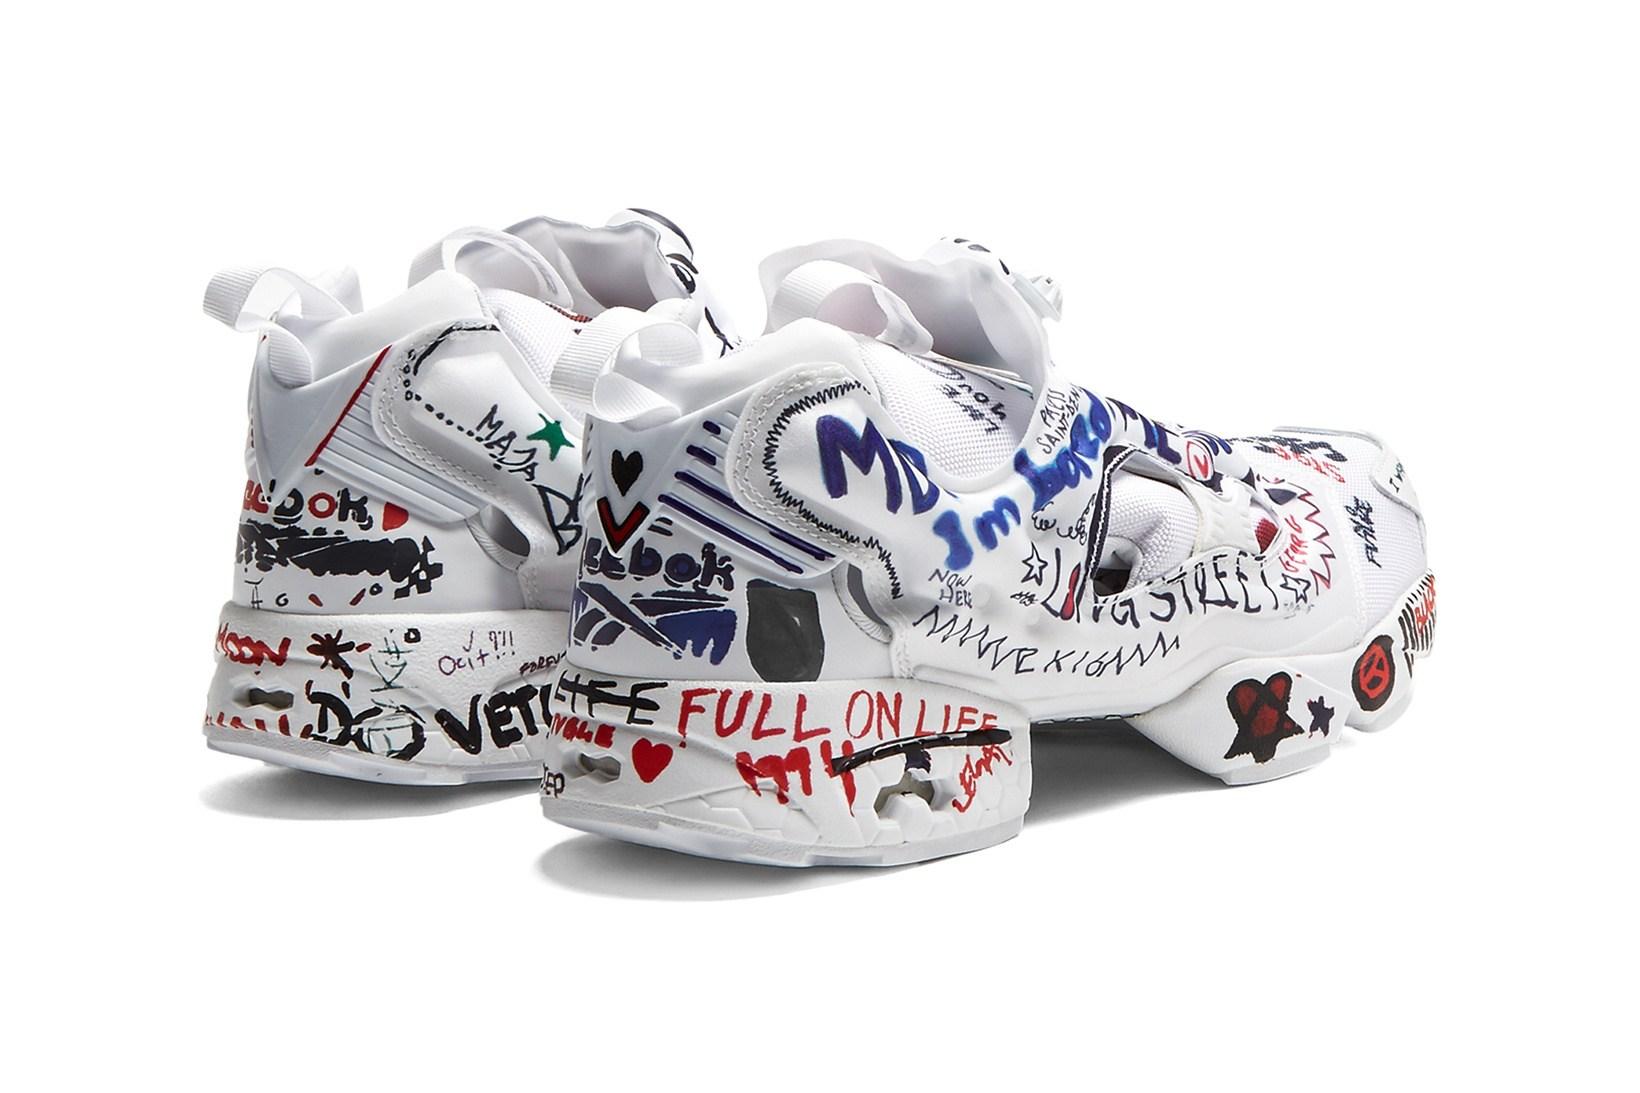 """giay the thao ugly sneakers instapump fury vetements elle man 1 - 9 thiết kế giày thể thao """"Xấu Lạ"""" đáng chú ý nhất hiện nay"""